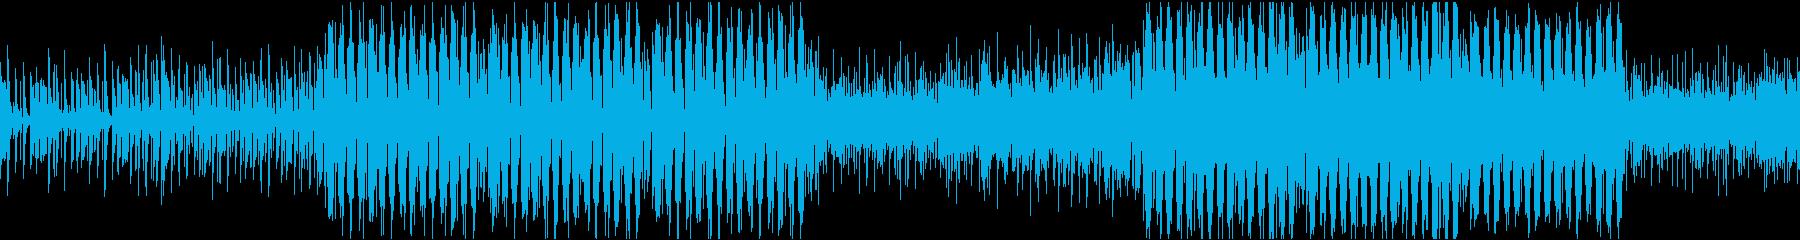 アップビートなピアノと民族音楽のテクノの再生済みの波形